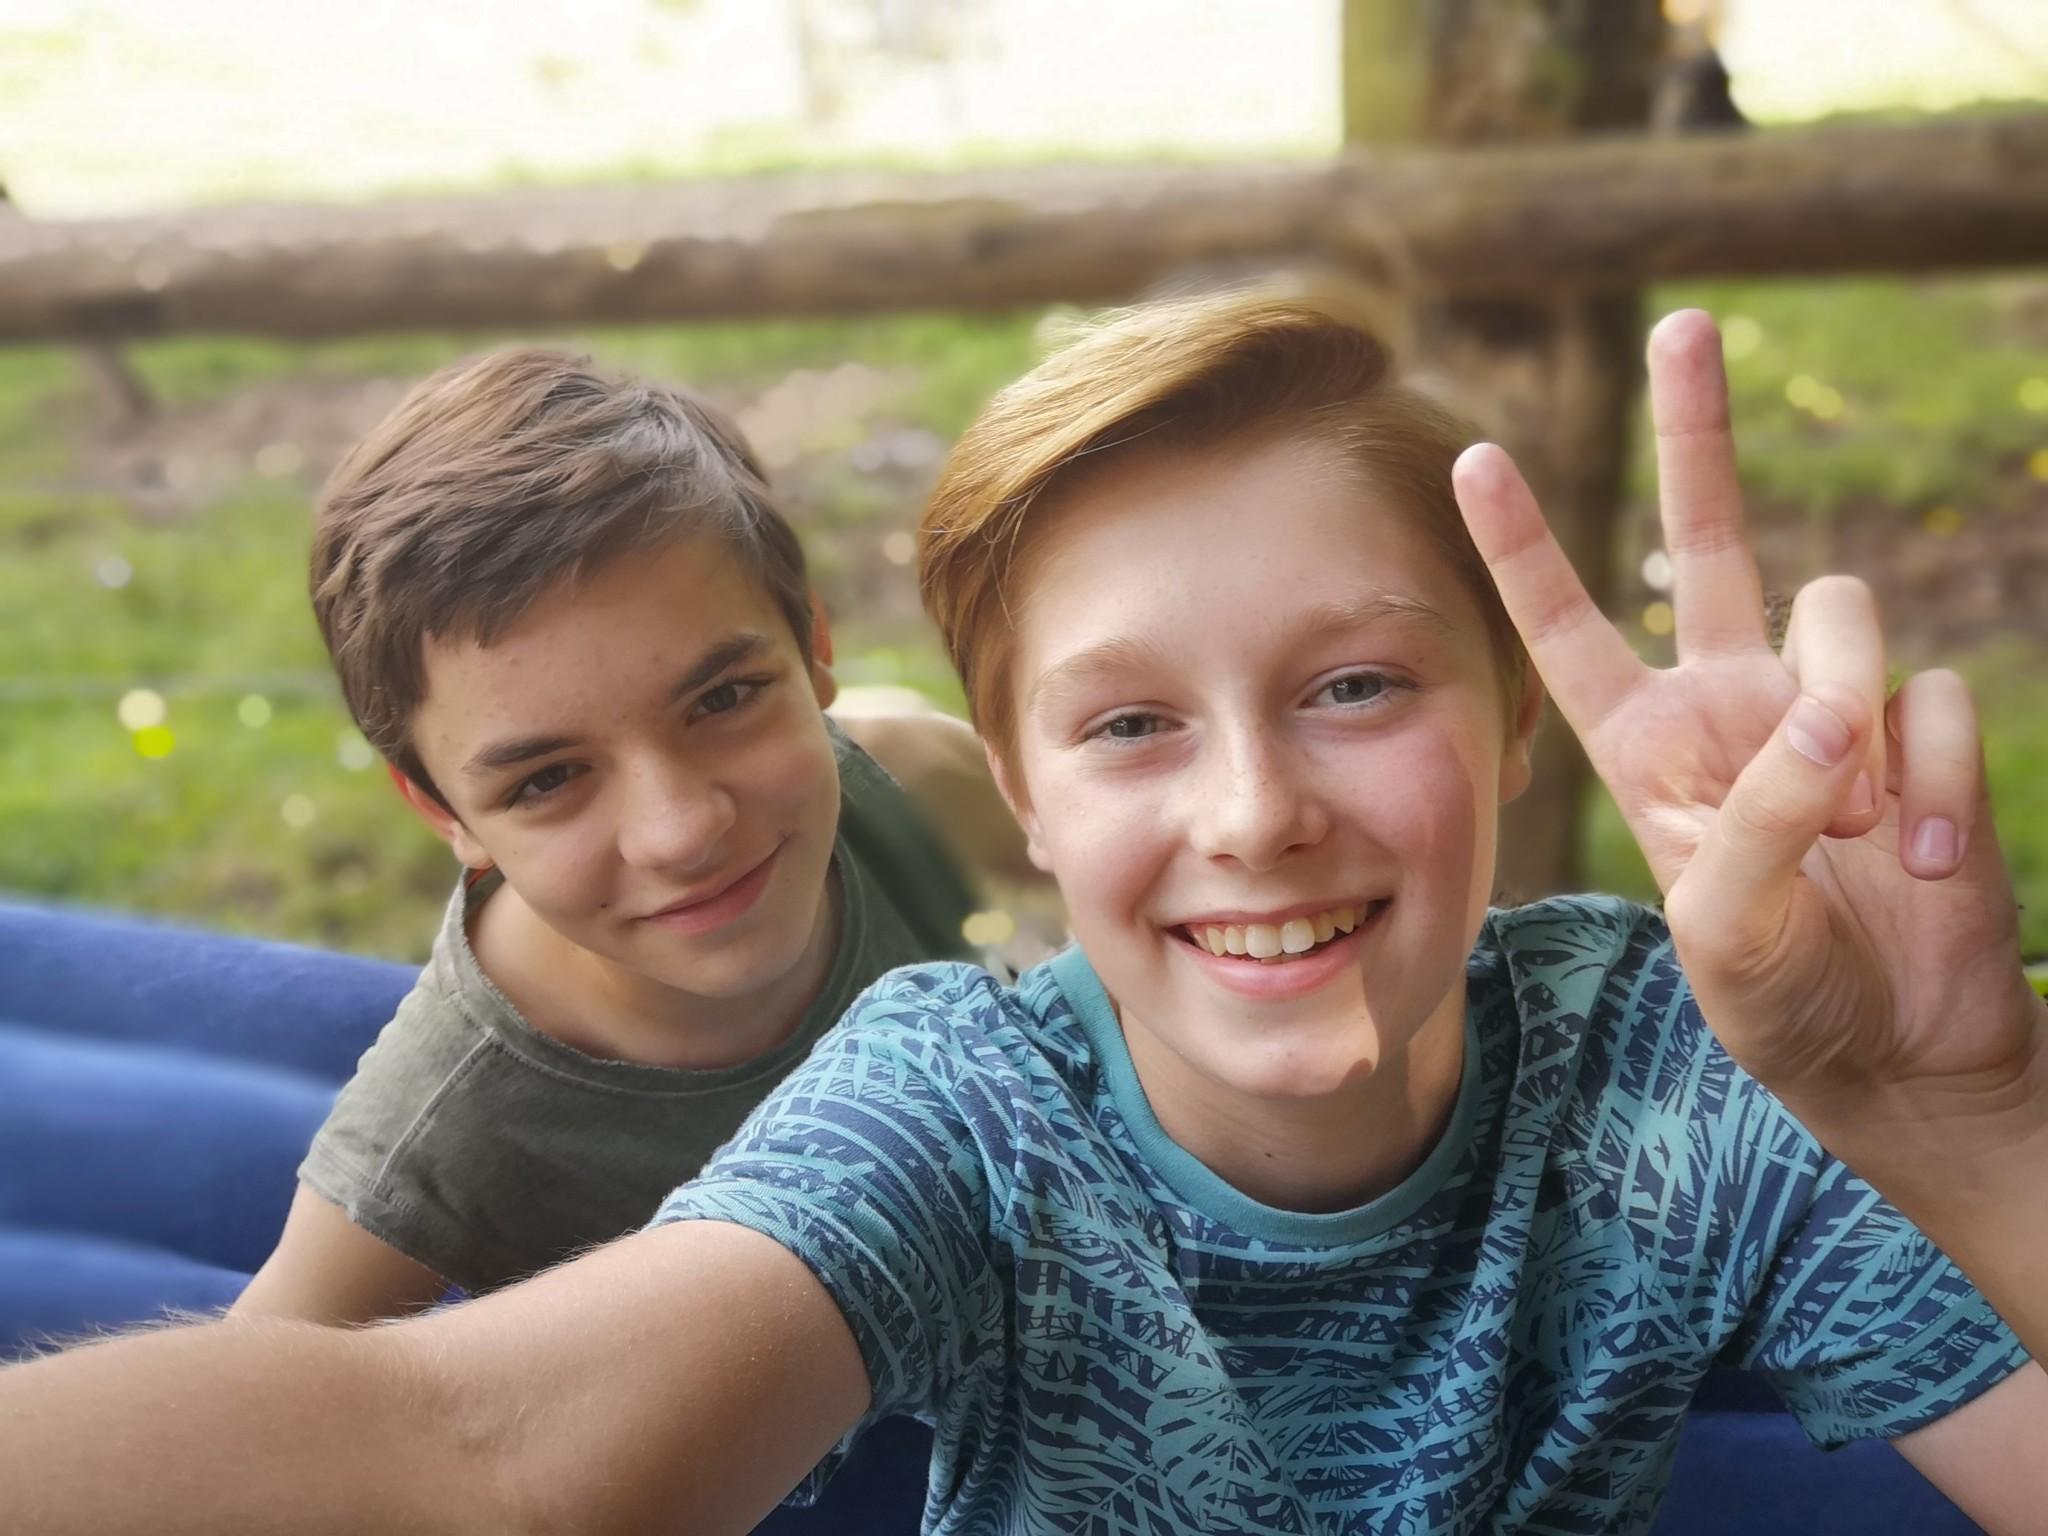 Prázdniny - Ondro a Markus